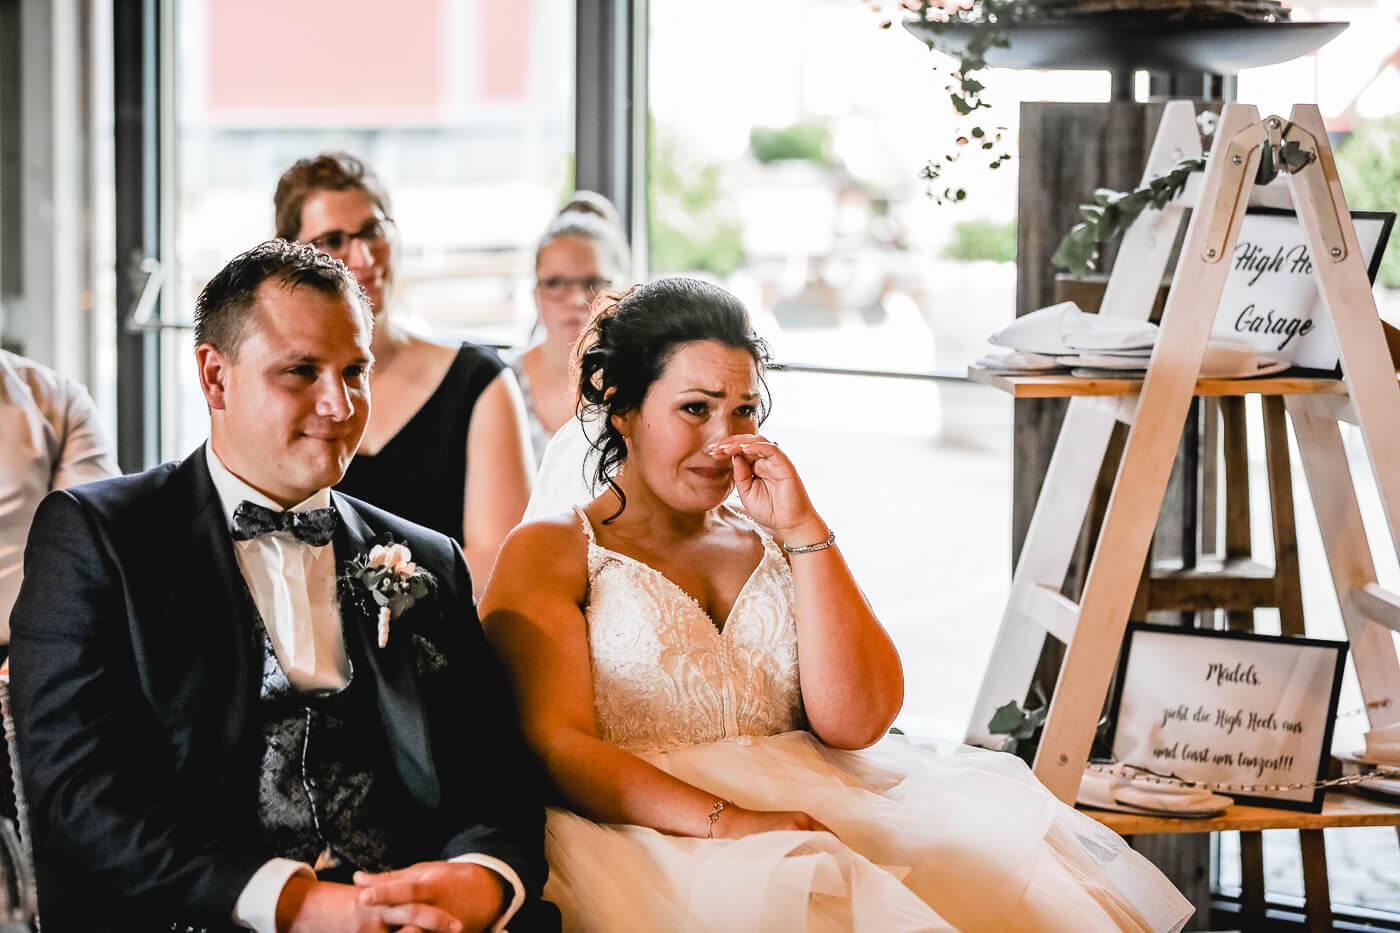 Rührende Hochzeitsreden